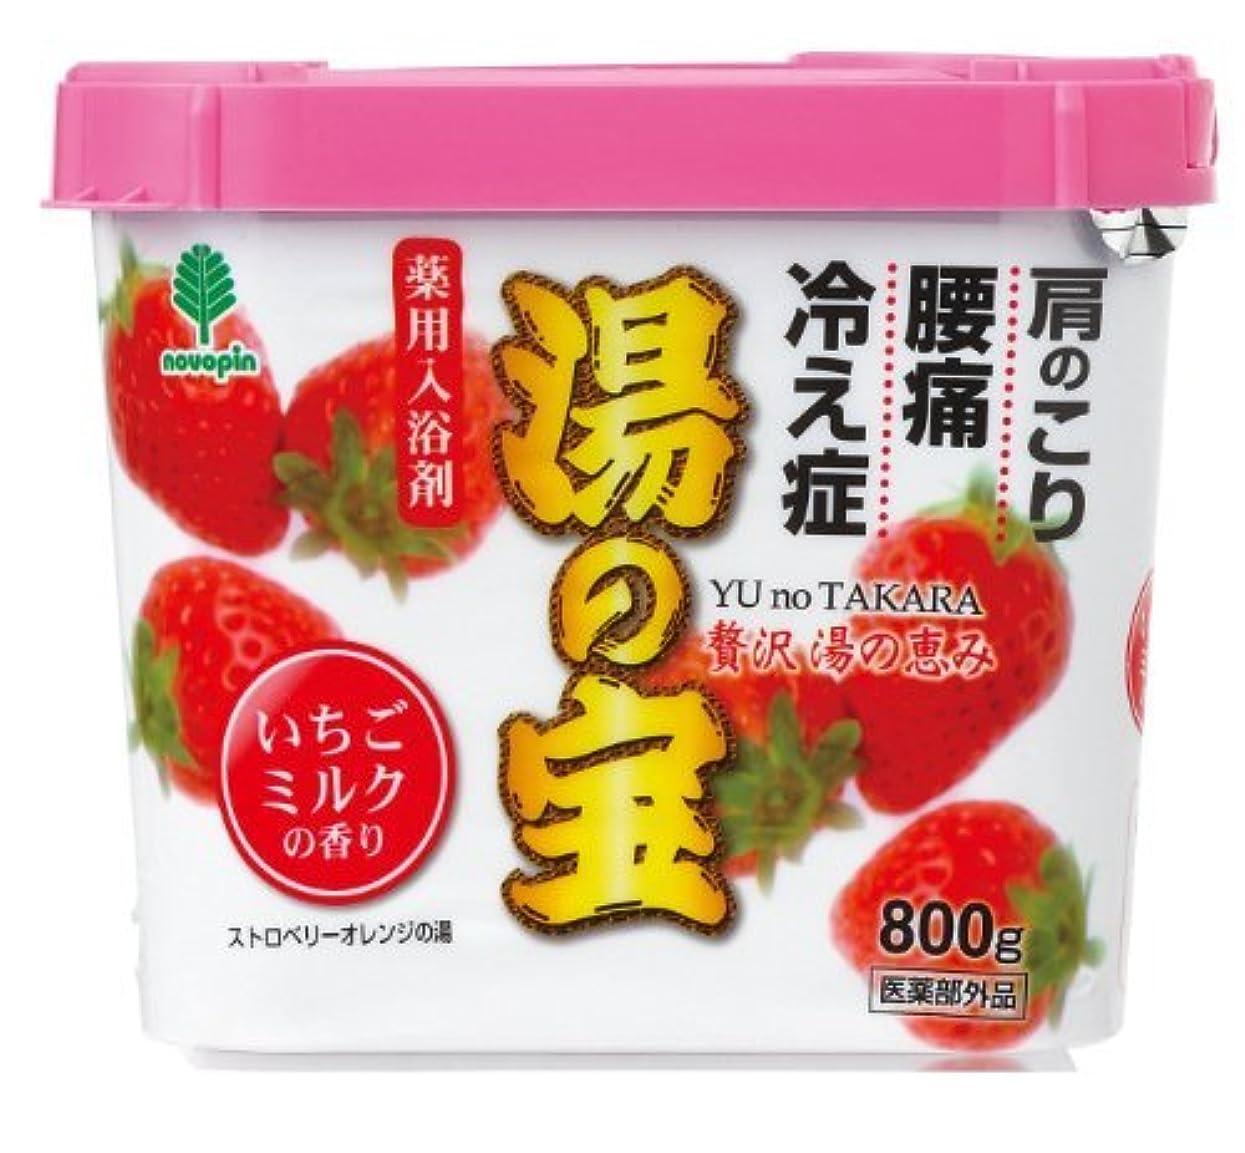 正確可能にするフィードオン紀陽除虫菊 湯の宝 いちごミルクの香り 800g【まとめ買い16個セット】 N-0053